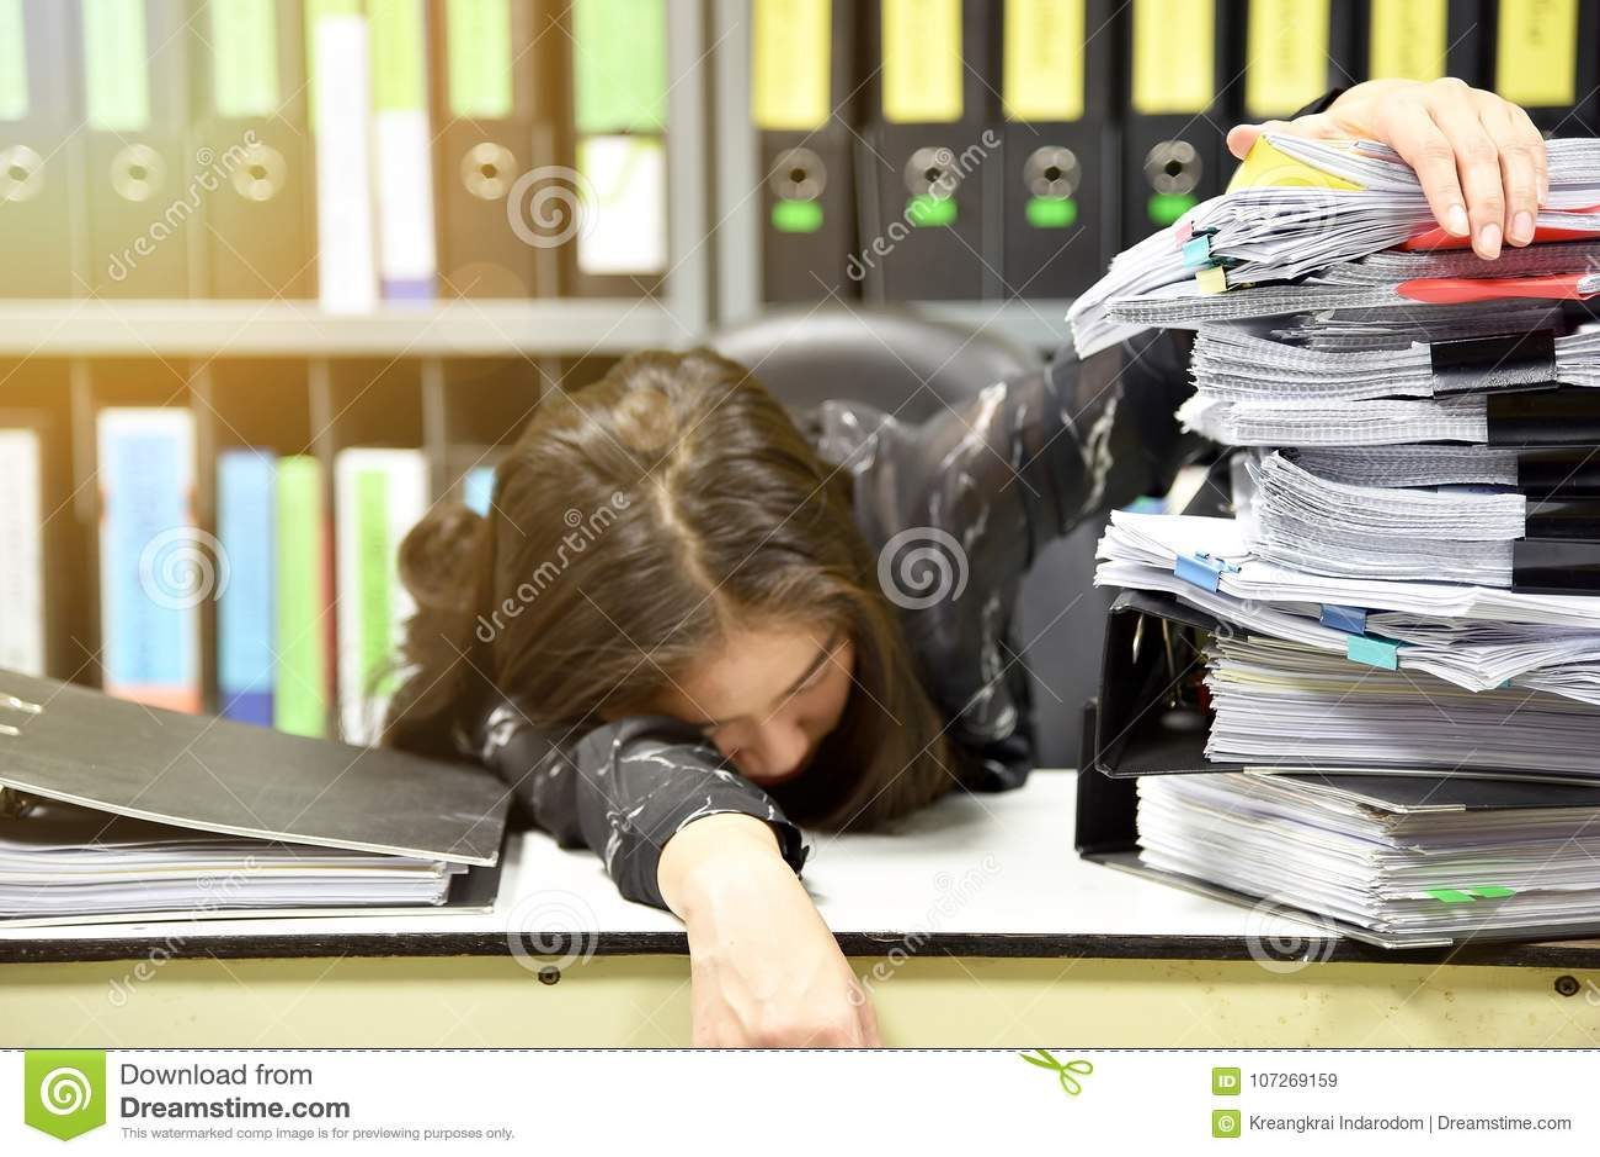 De Aziatische slaap van de arbeidersvrouw op de werkplaats, vermoeide vrouw in slaap van hard het werken, Partij van het werk,